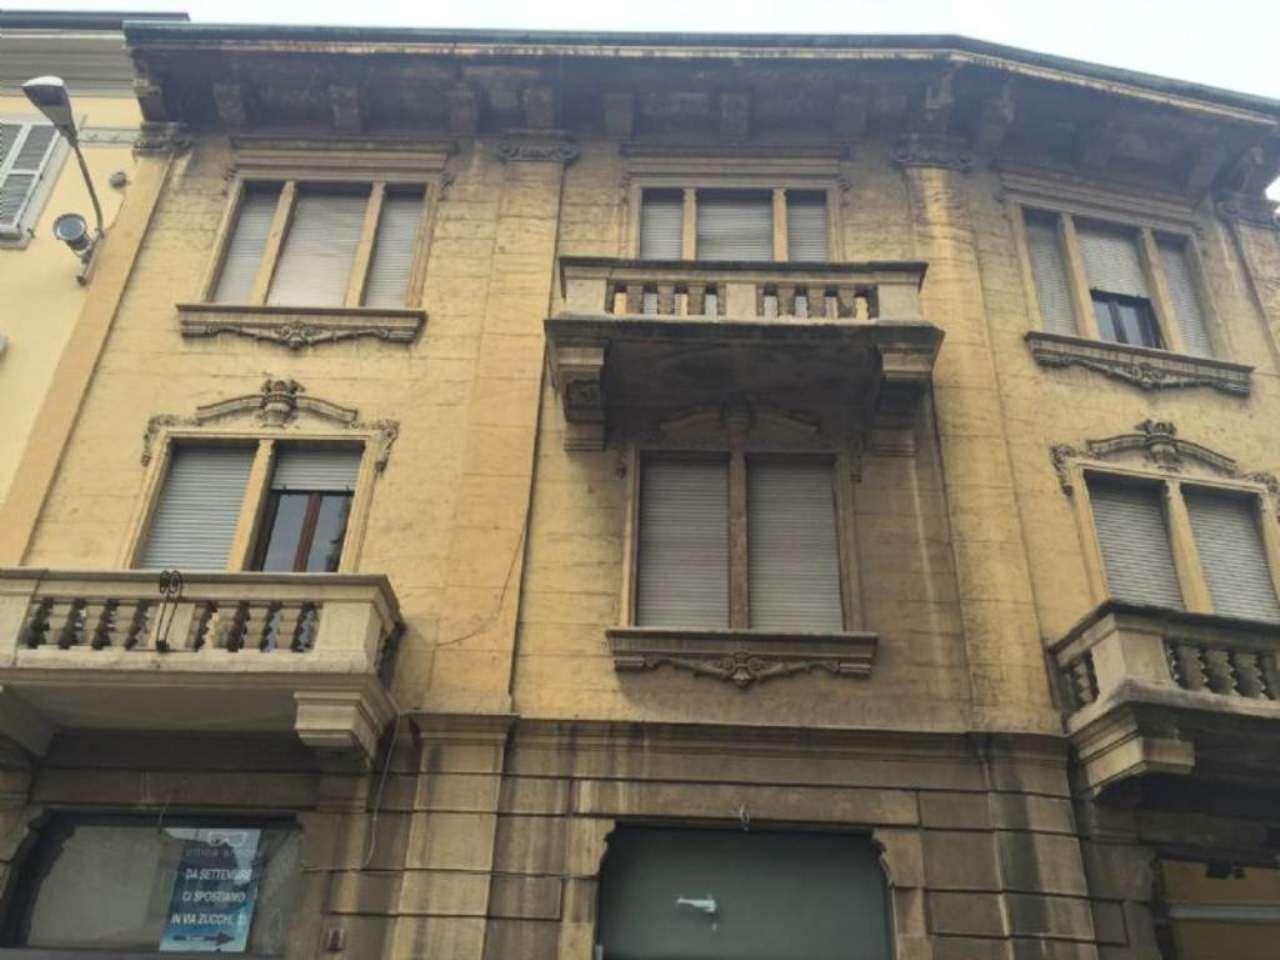 Negozio / Locale in affitto a Monza, 5 locali, zona Zona: 1 . Centro Storico, San Gerardo, Via Lecco, prezzo € 150.000 | Cambio Casa.it